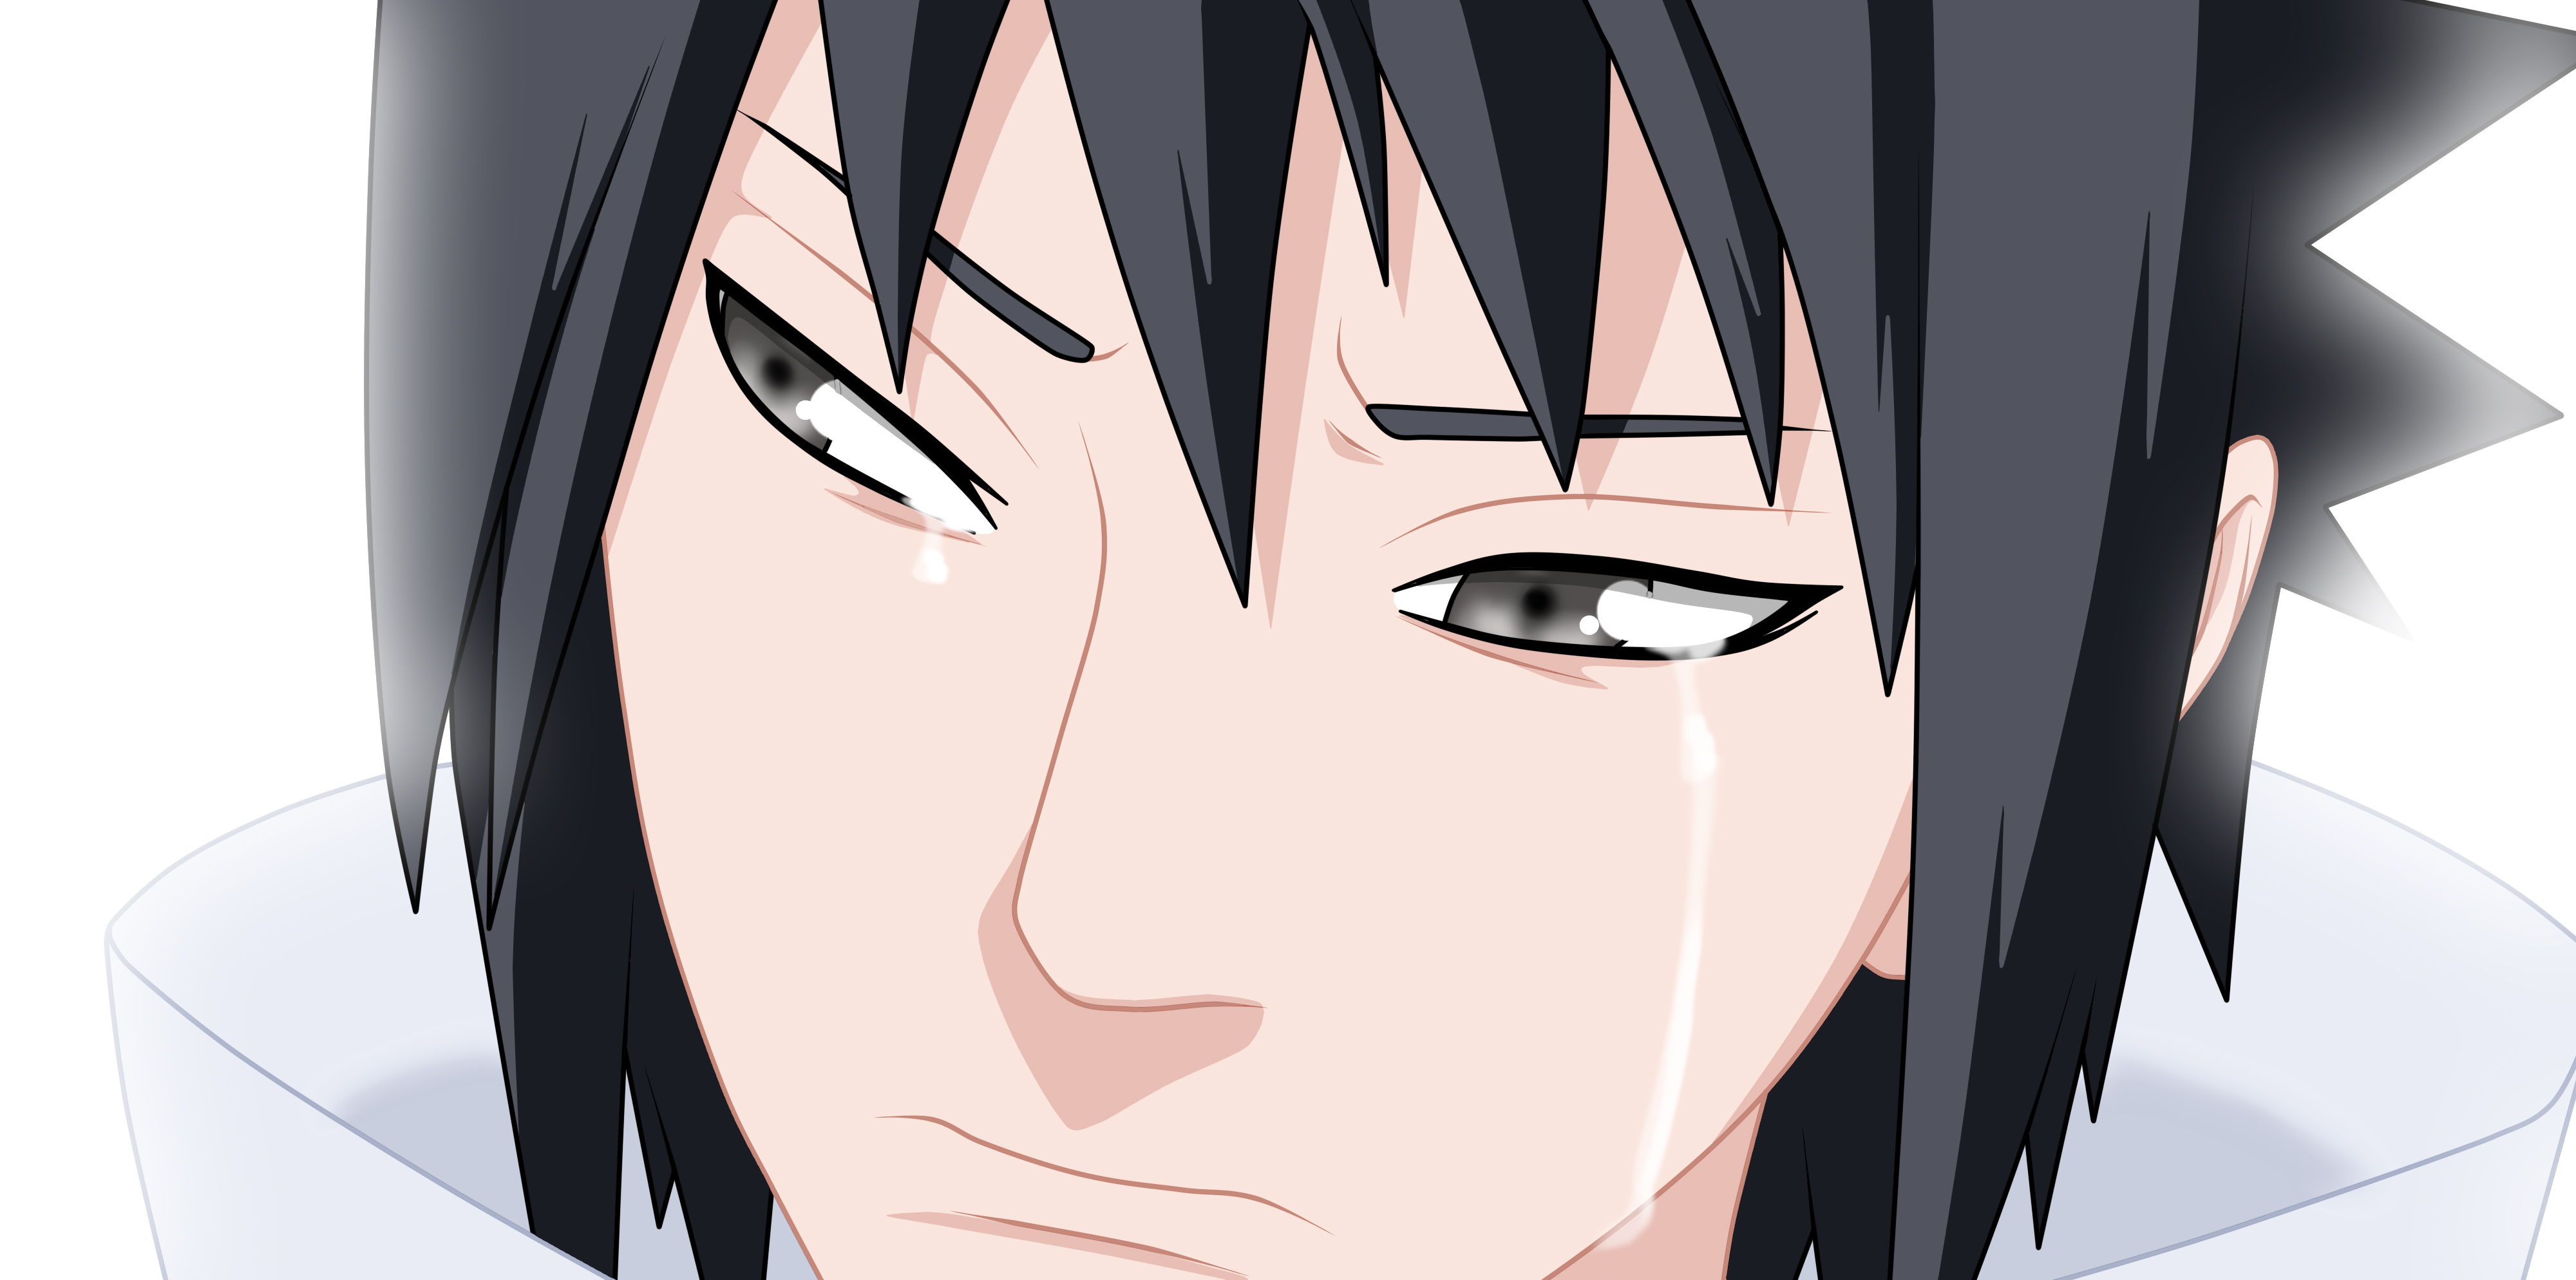 Sasuke uchiha images femalecelebrity - Sasuke naruto ...